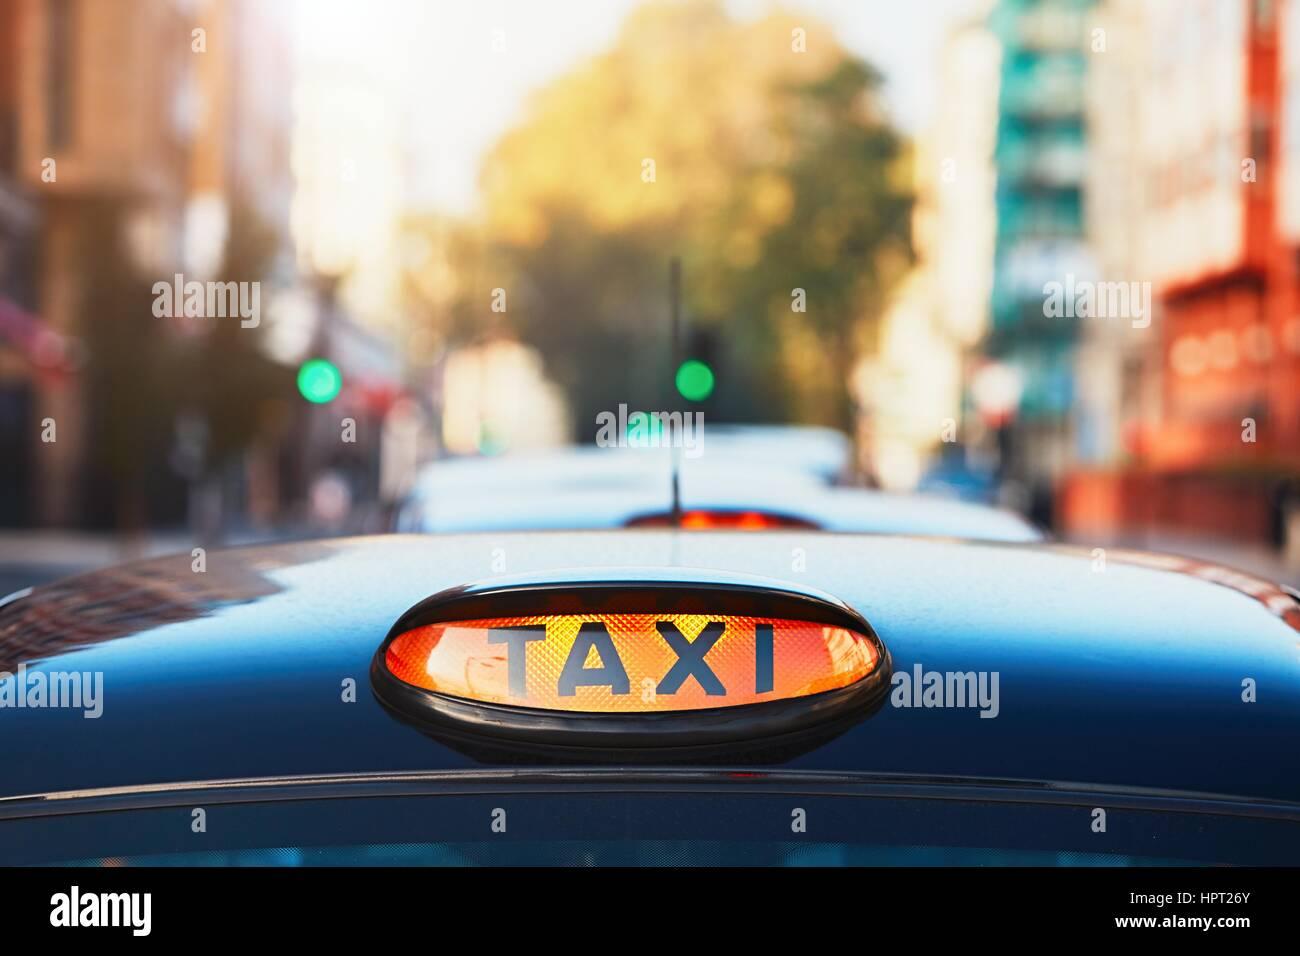 Londres taxi negro cartel en la calle, REINO UNIDO Imagen De Stock